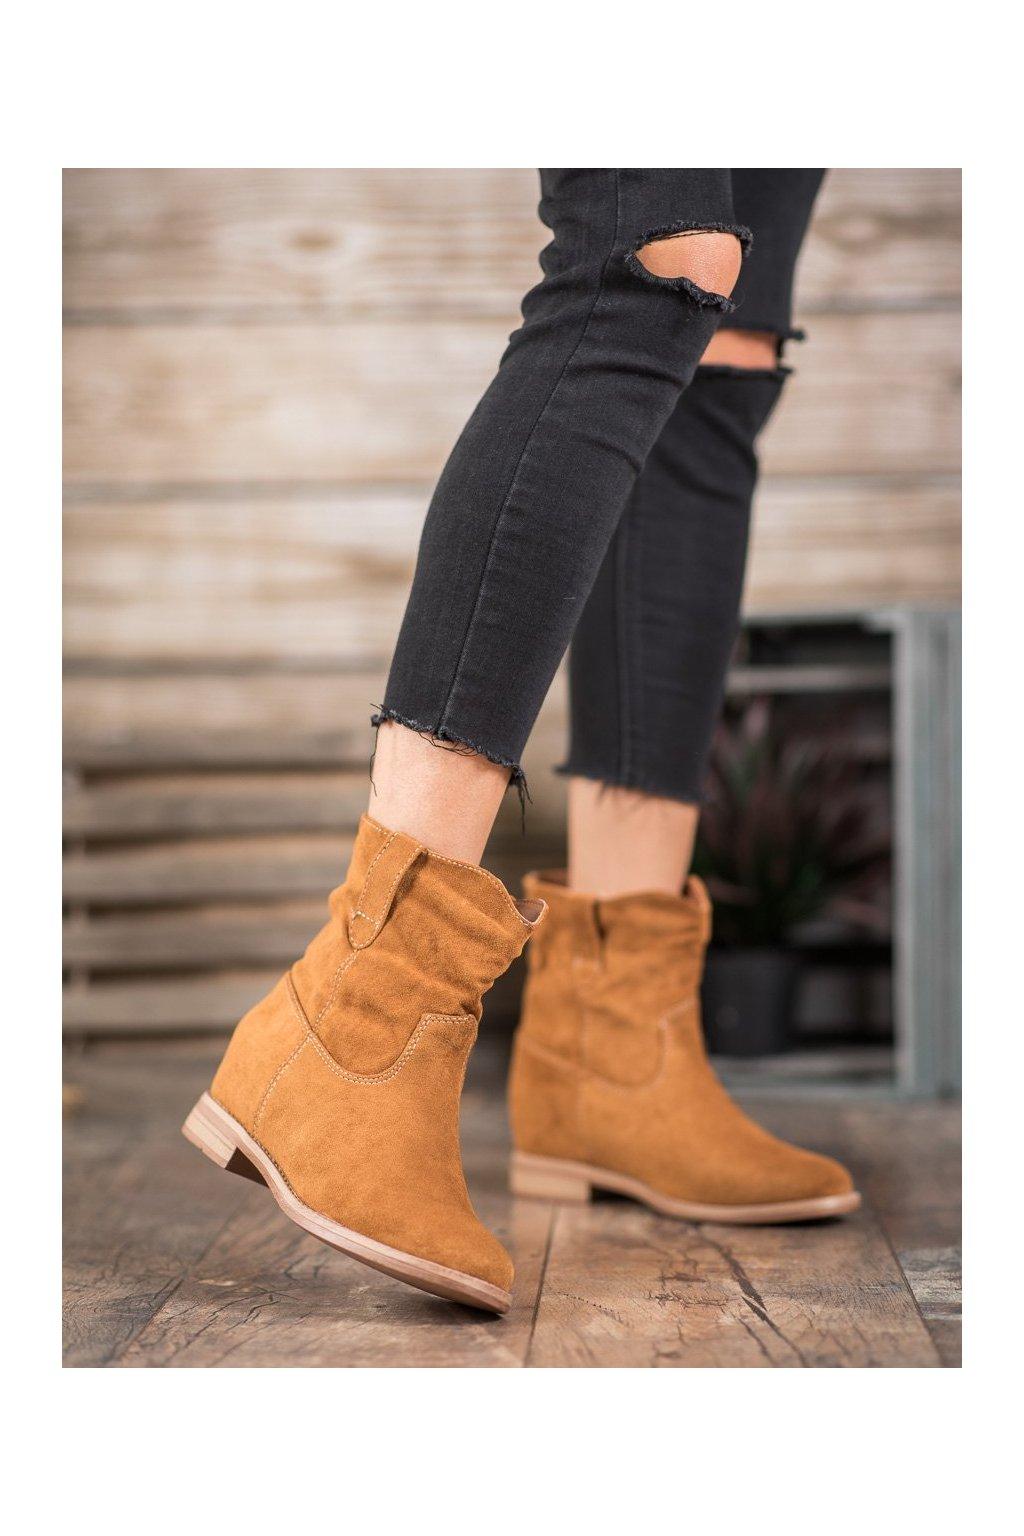 Hnedé dámske topánky Seastar kod NC952C